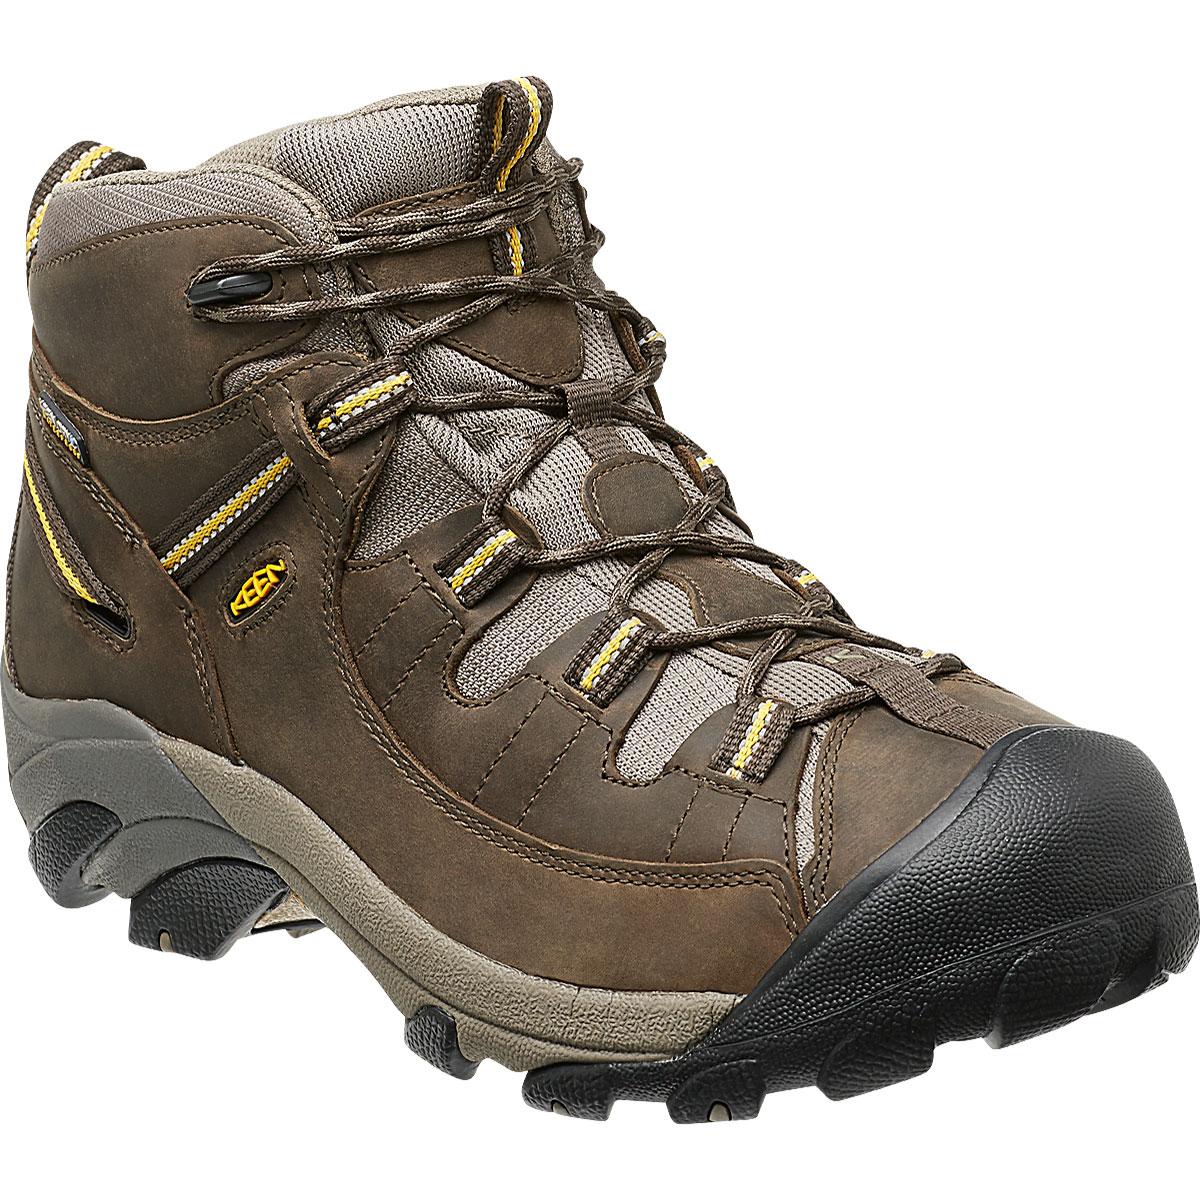 Targhee II Mid WP Hiking Boots